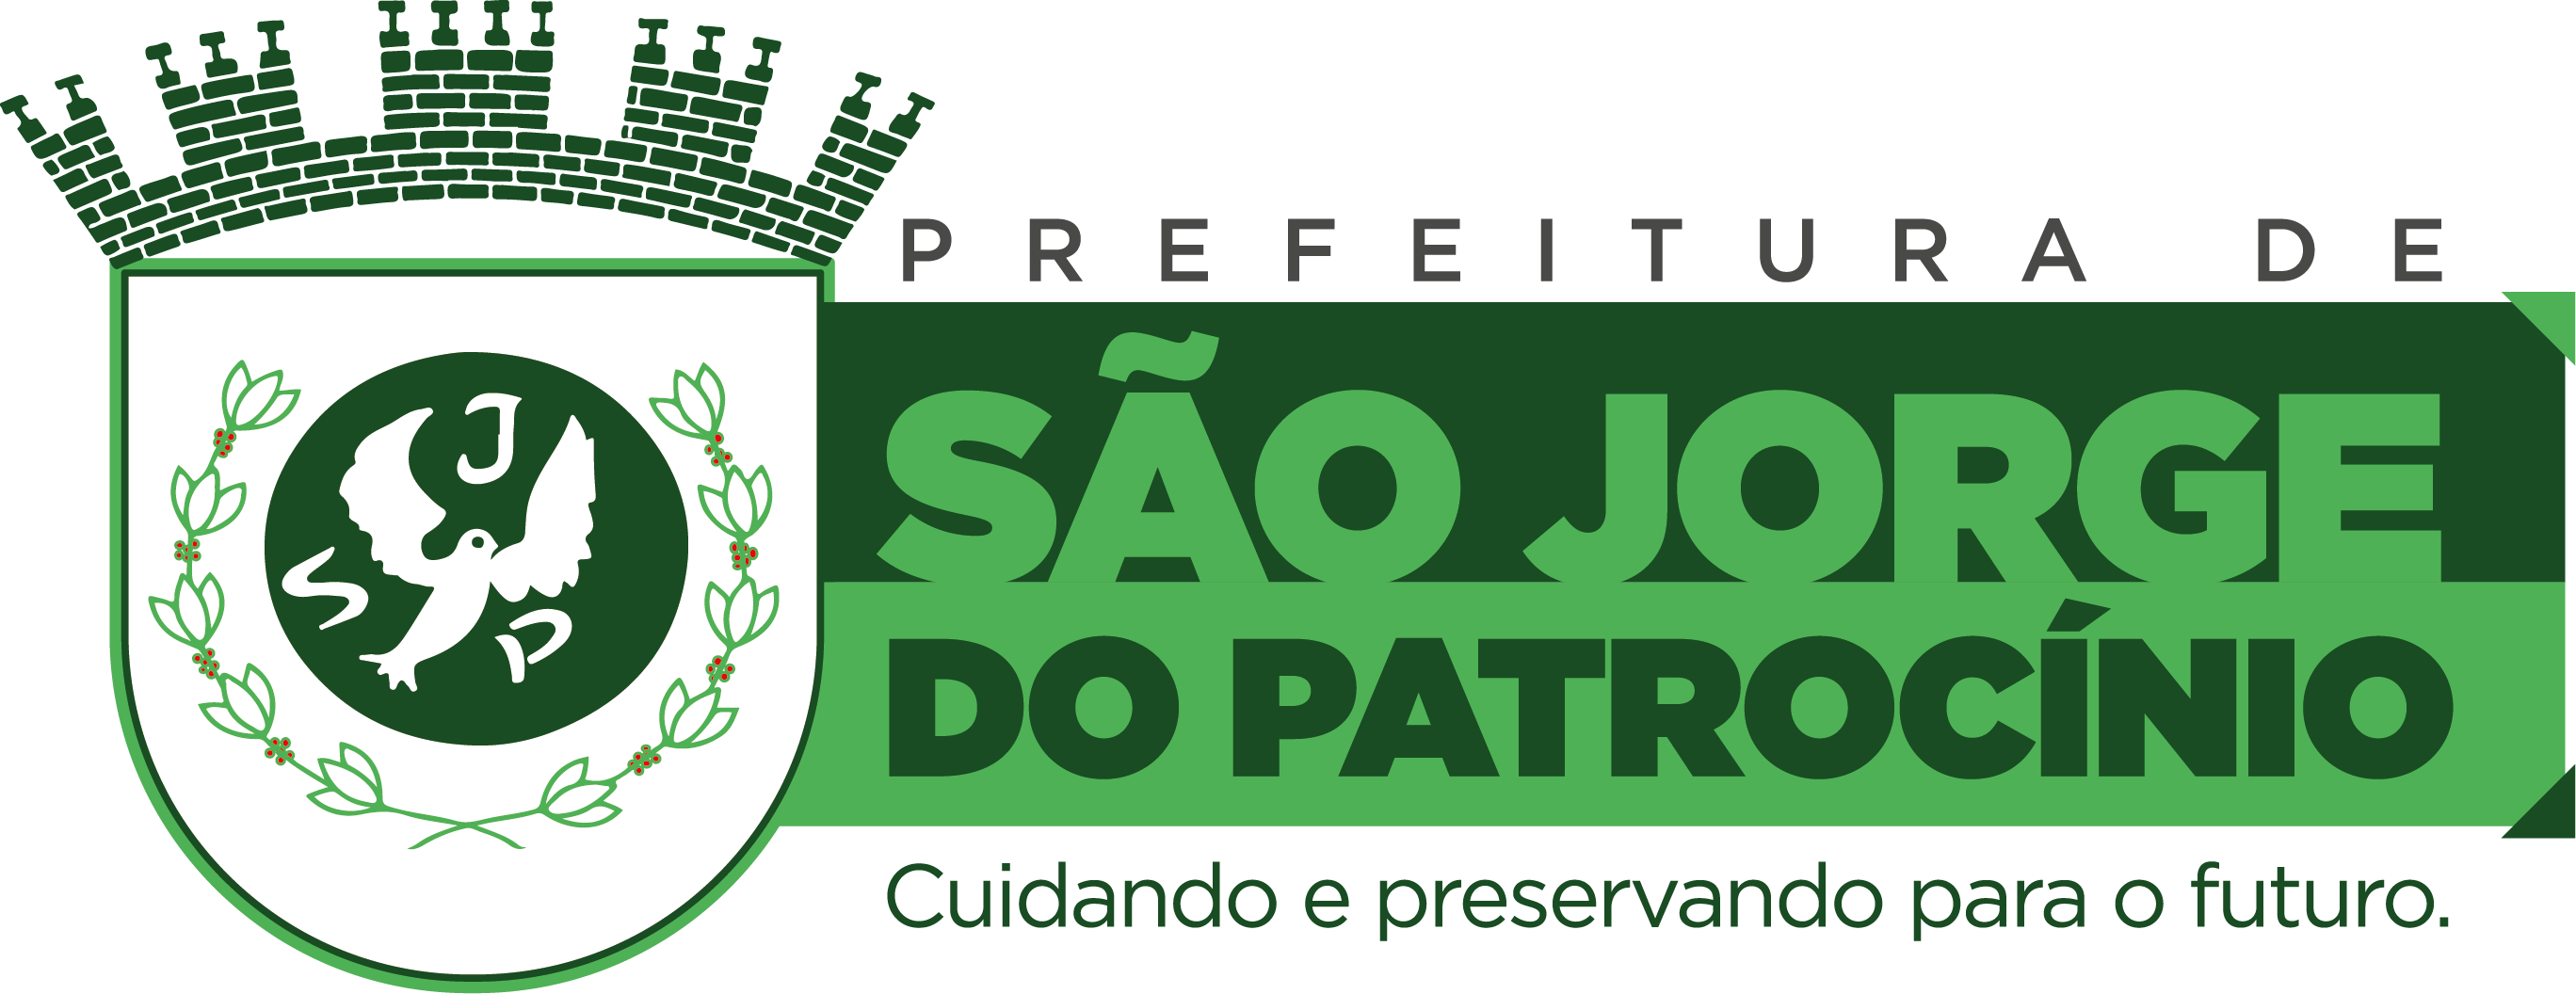 CÂMARA MUNICIPAL DE SÂO JORGE DO PATROC�NIO